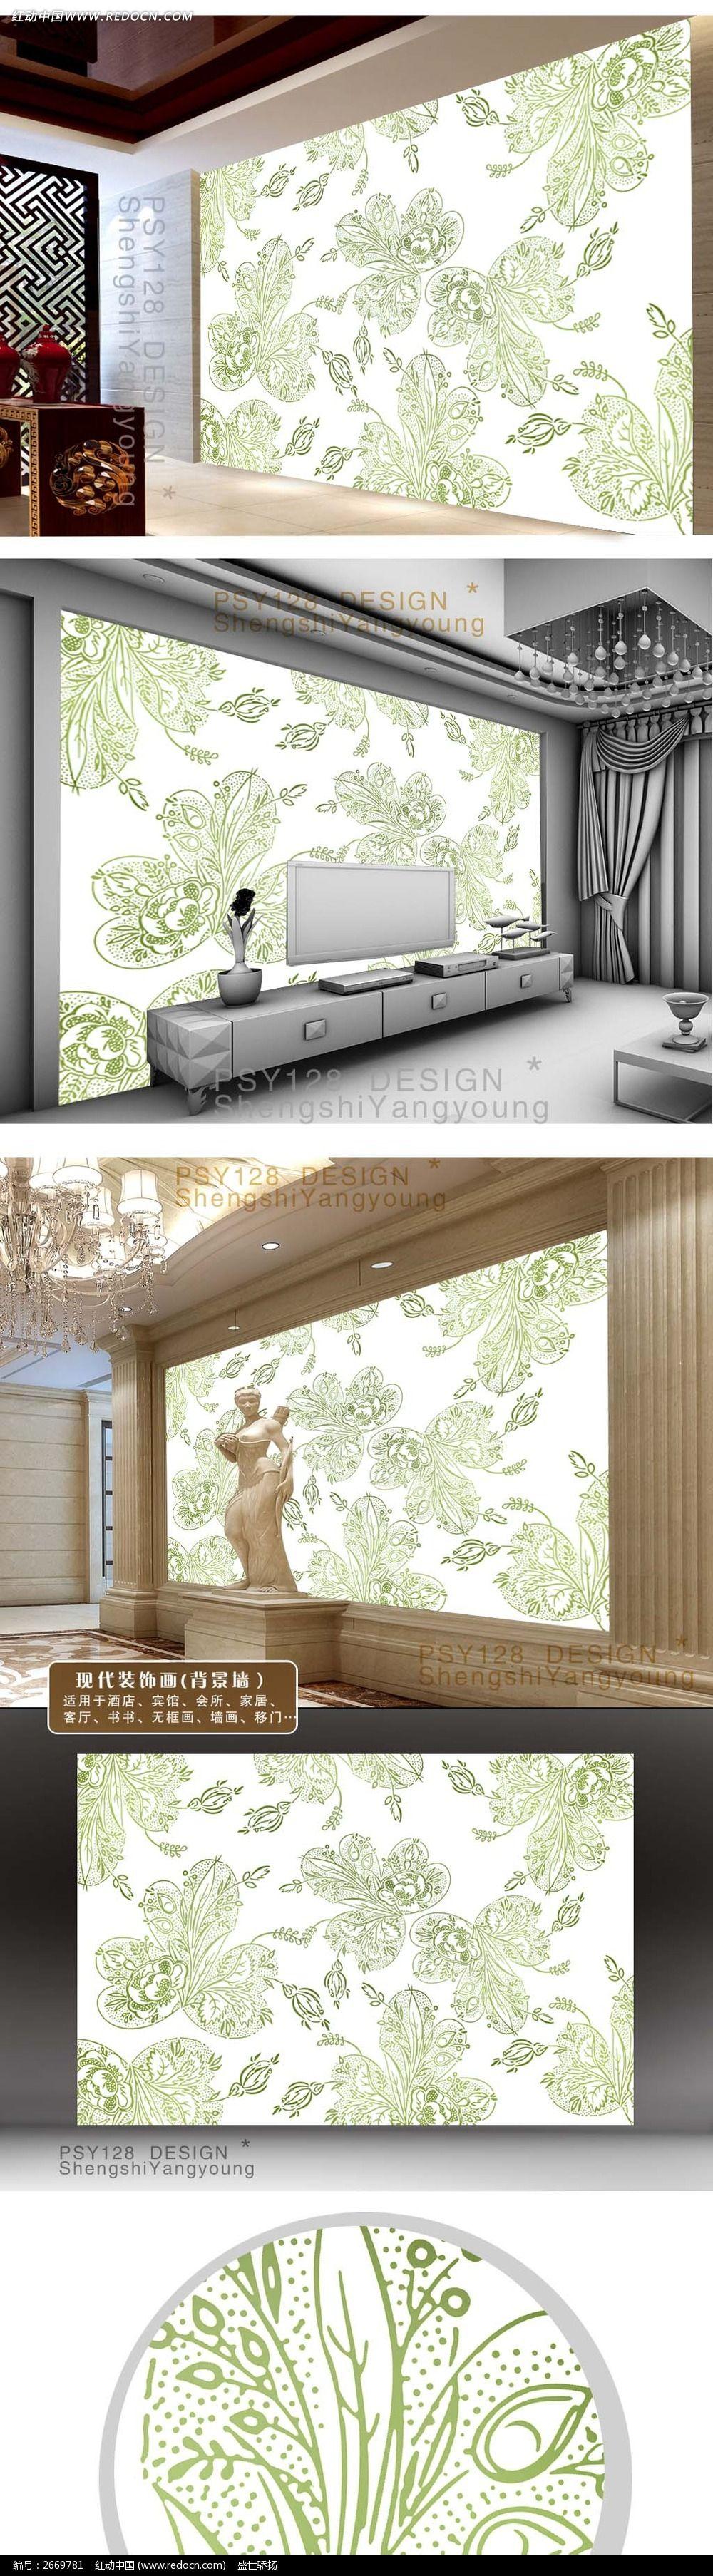 古典欧式花纹墙纸设计